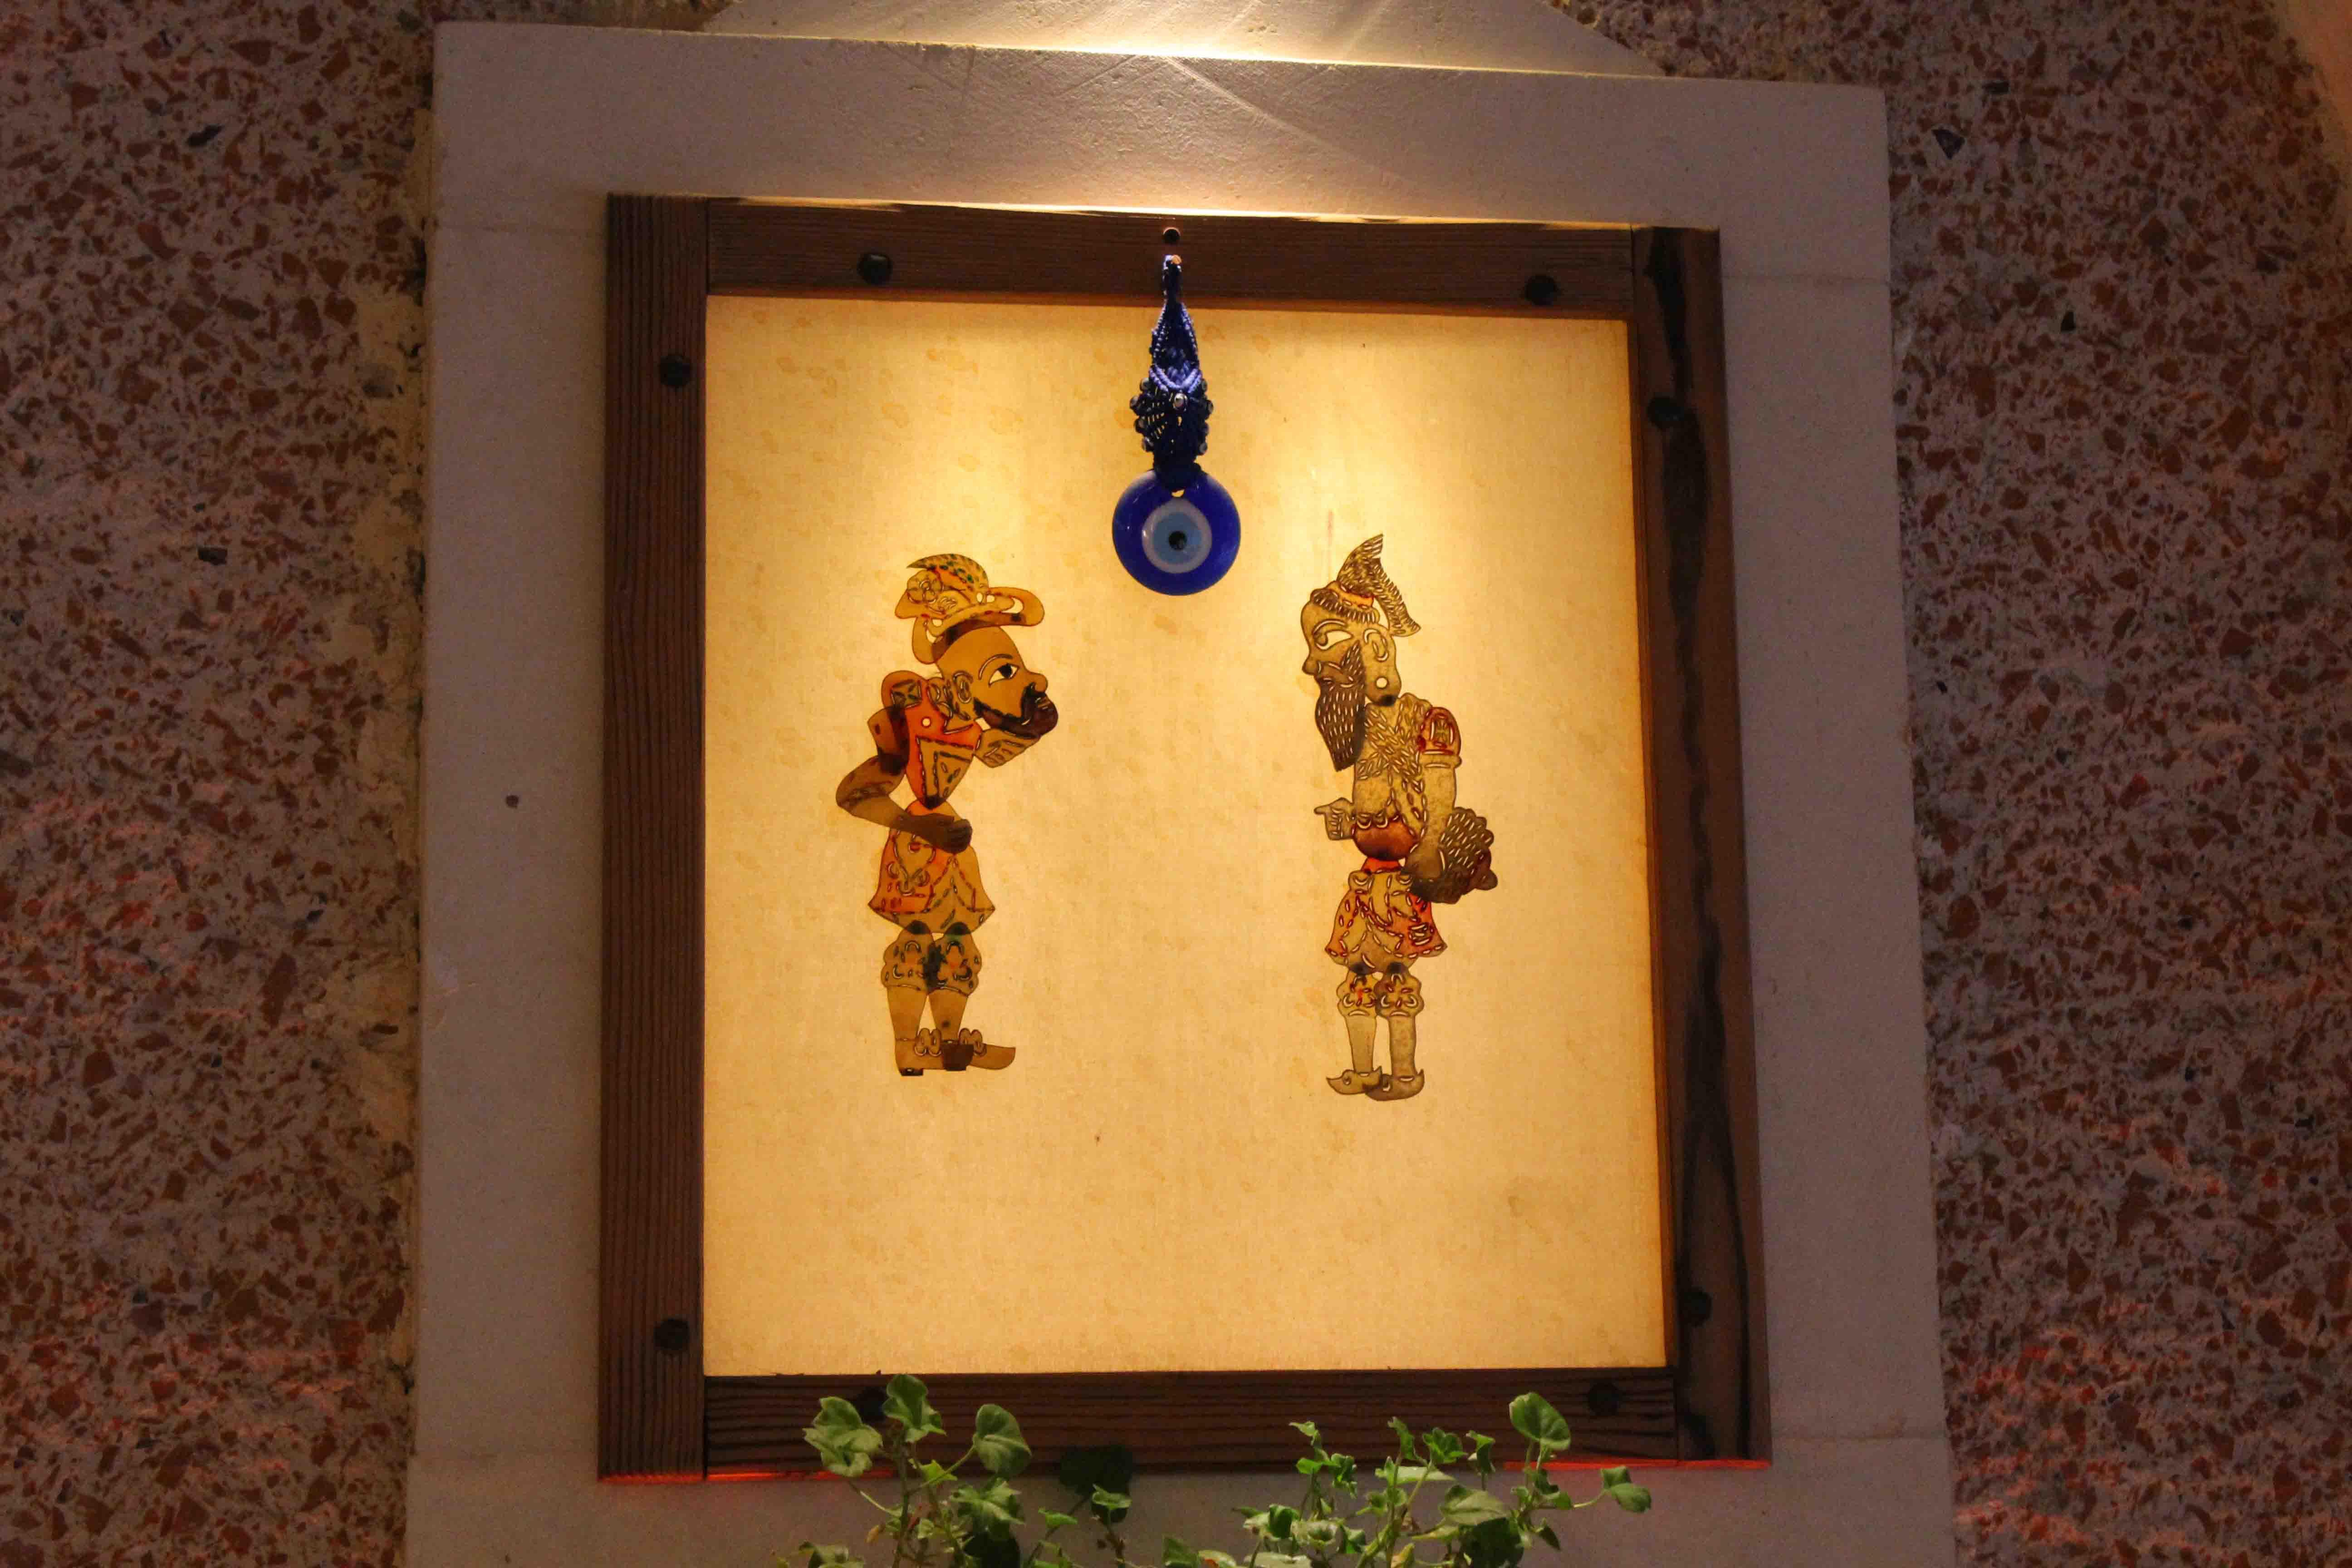 http://www.alburakathisma.com/images/galeri/orjinal/albura-Garden-97.jpg